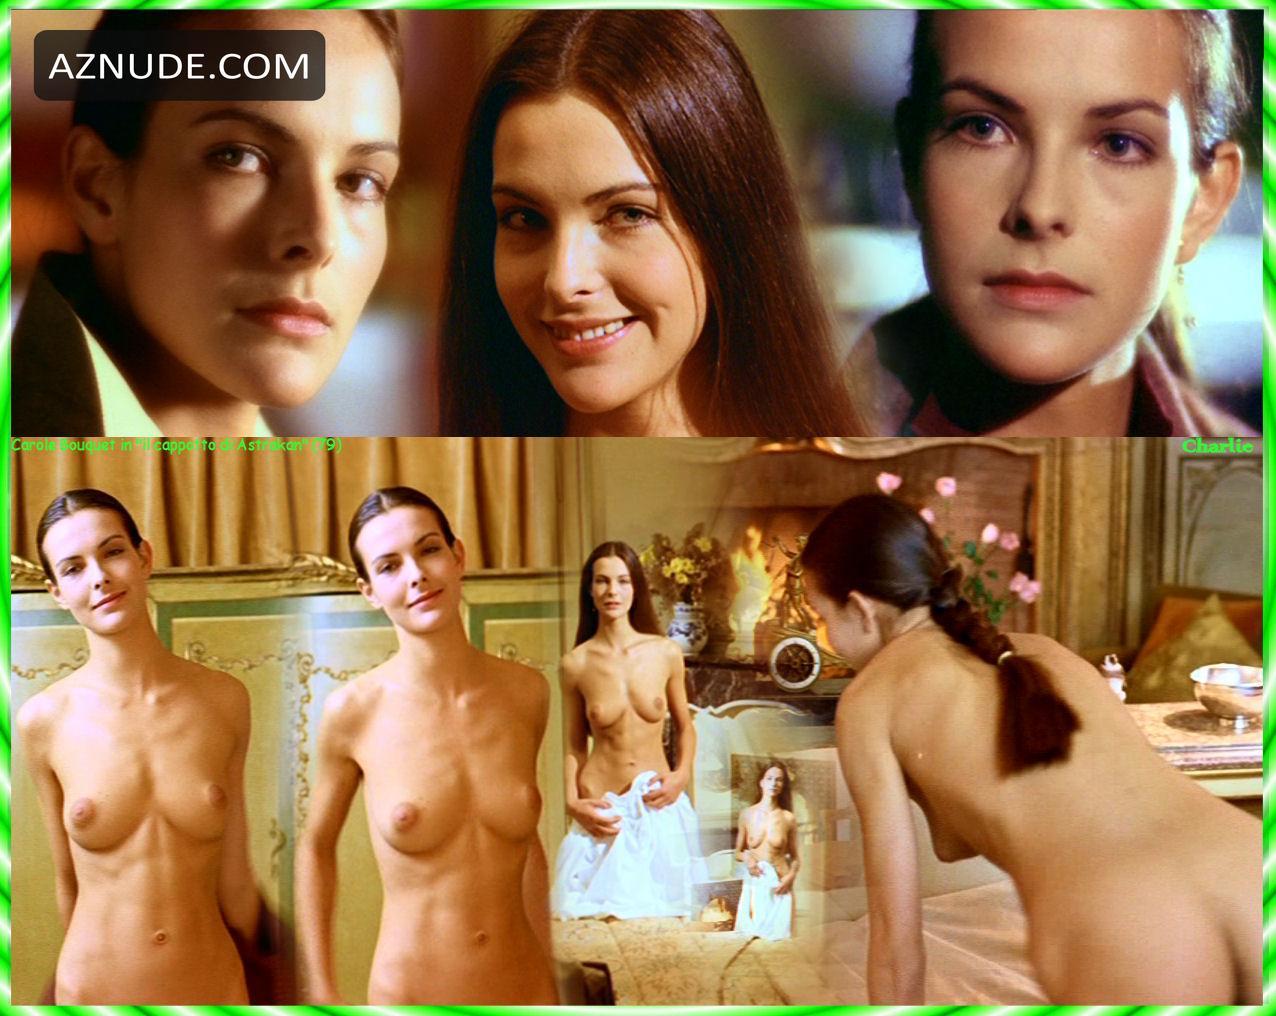 Q desire 2011 nude and sex scenes hq - 1 4